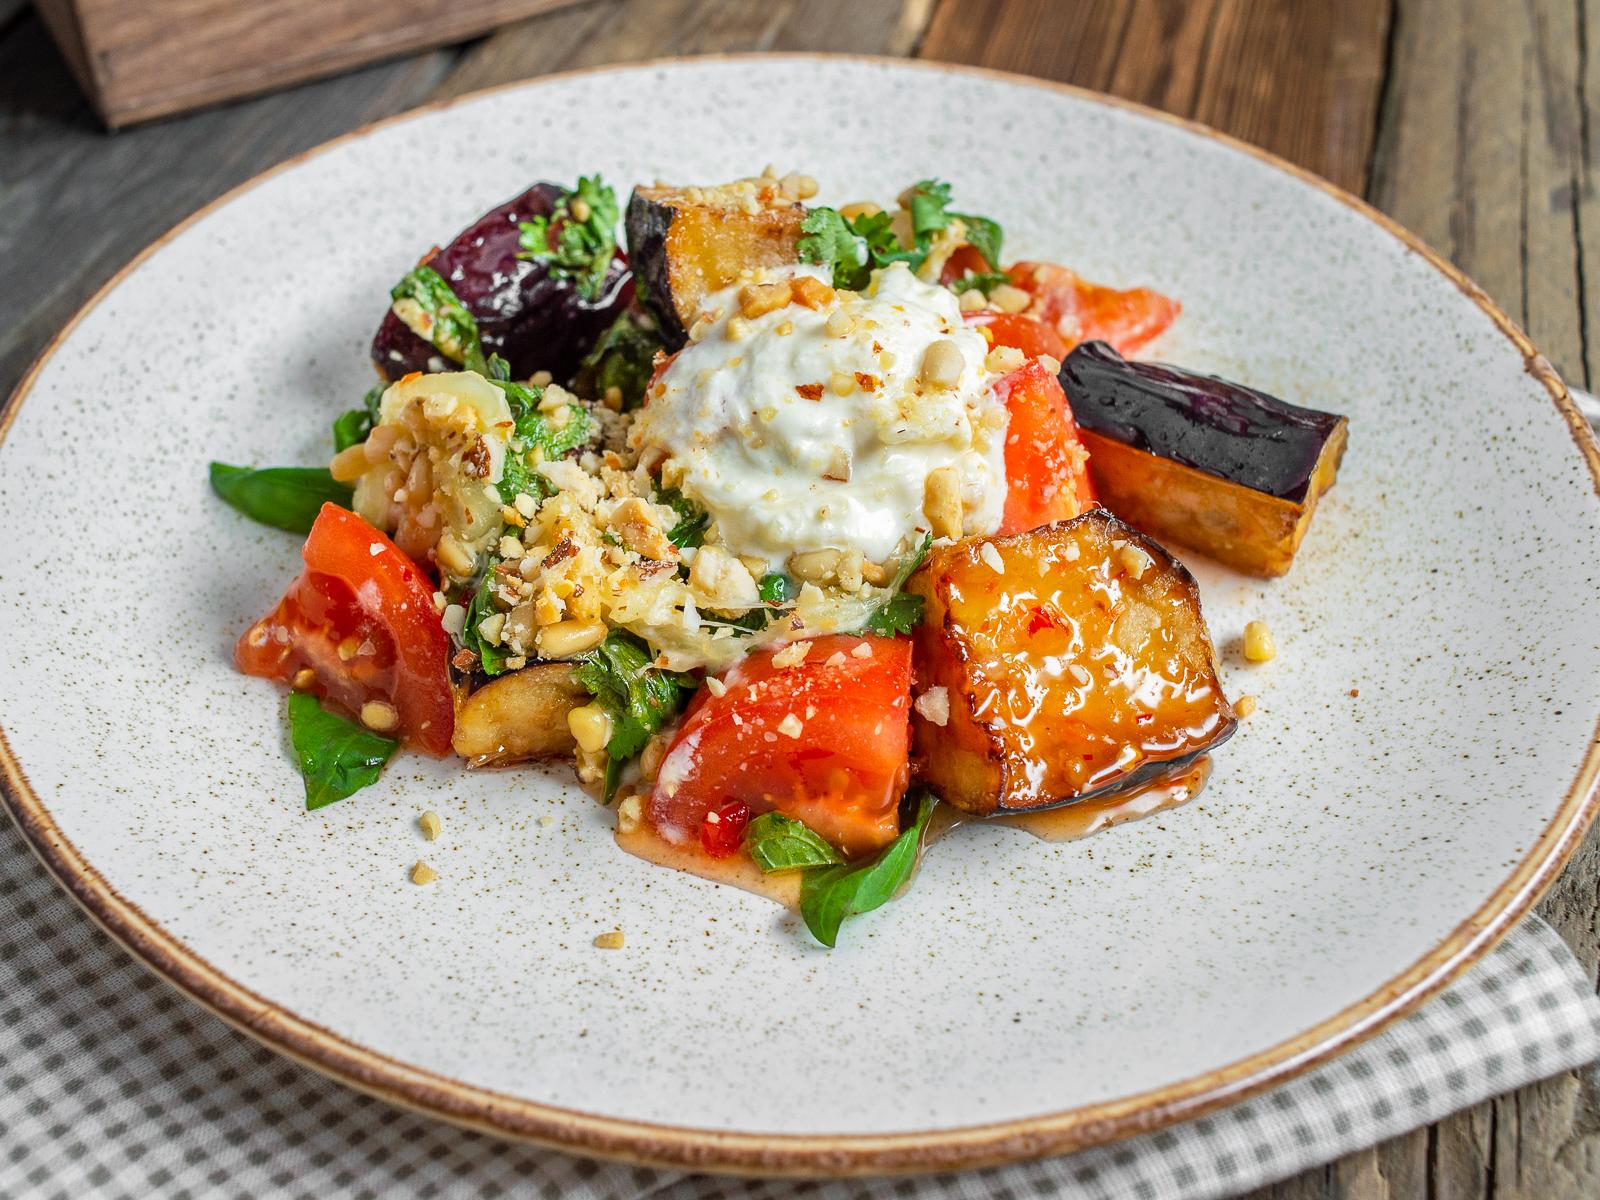 Салат с жареными баклажанами и страчателлой